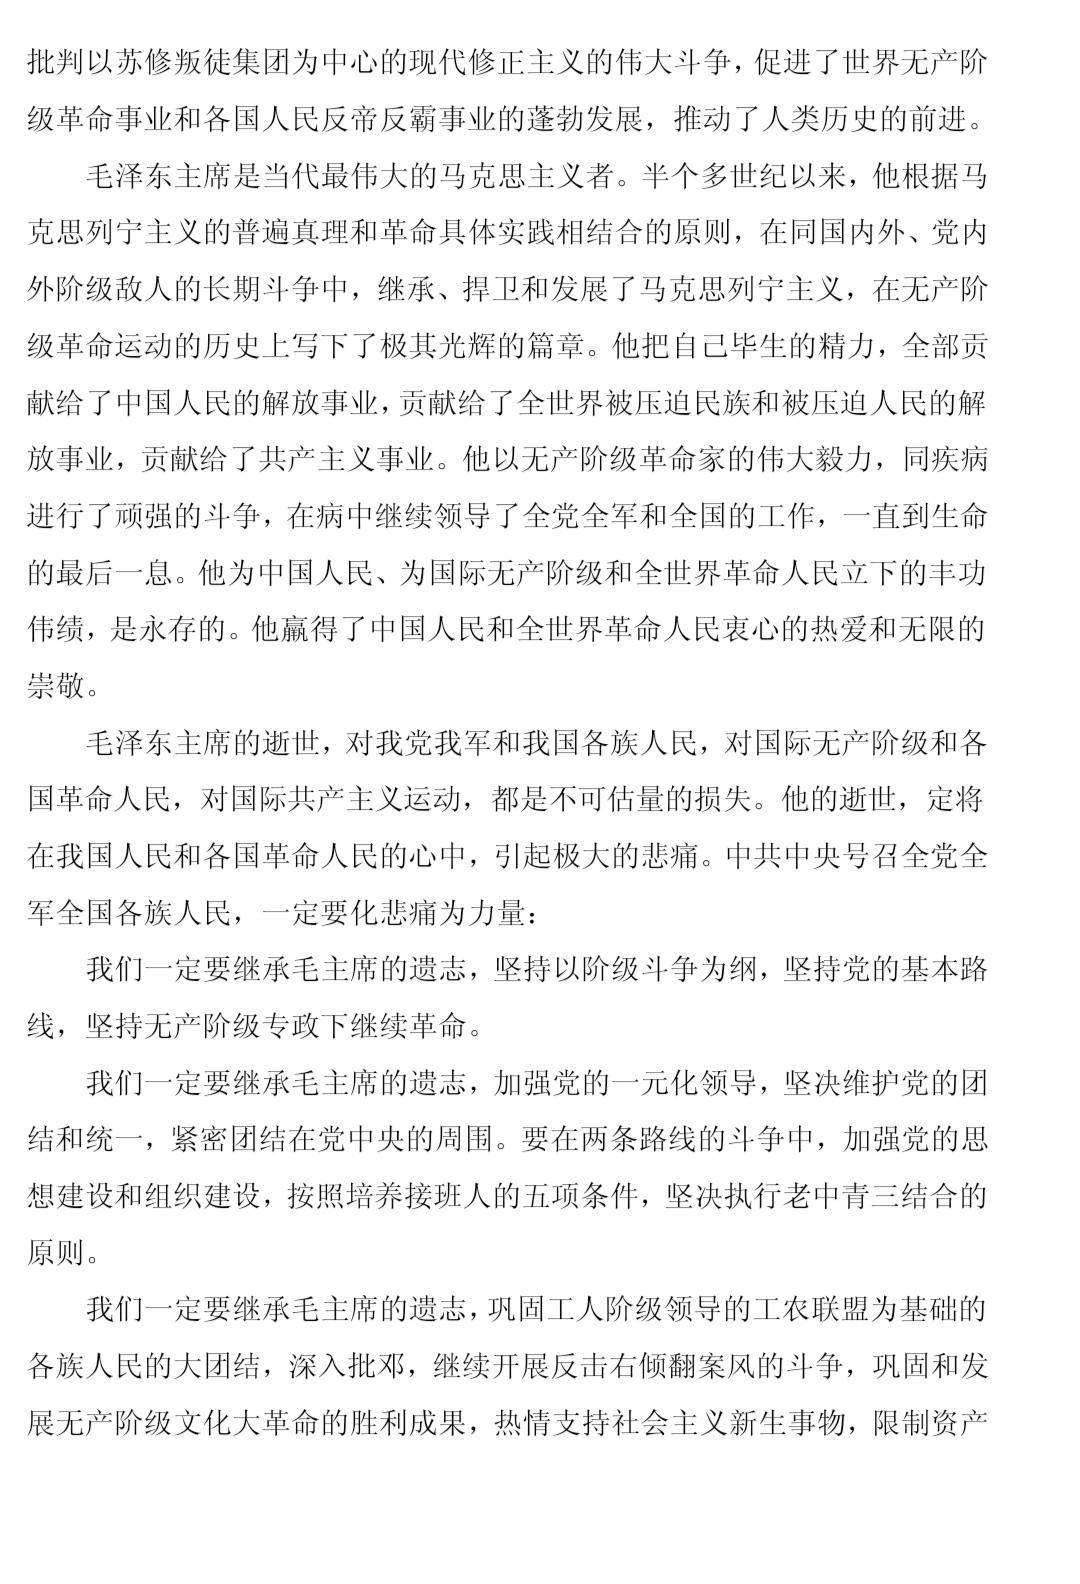 (伟大领袖毛主席逝世四十五周年)告全党全军全国各族人民书 4